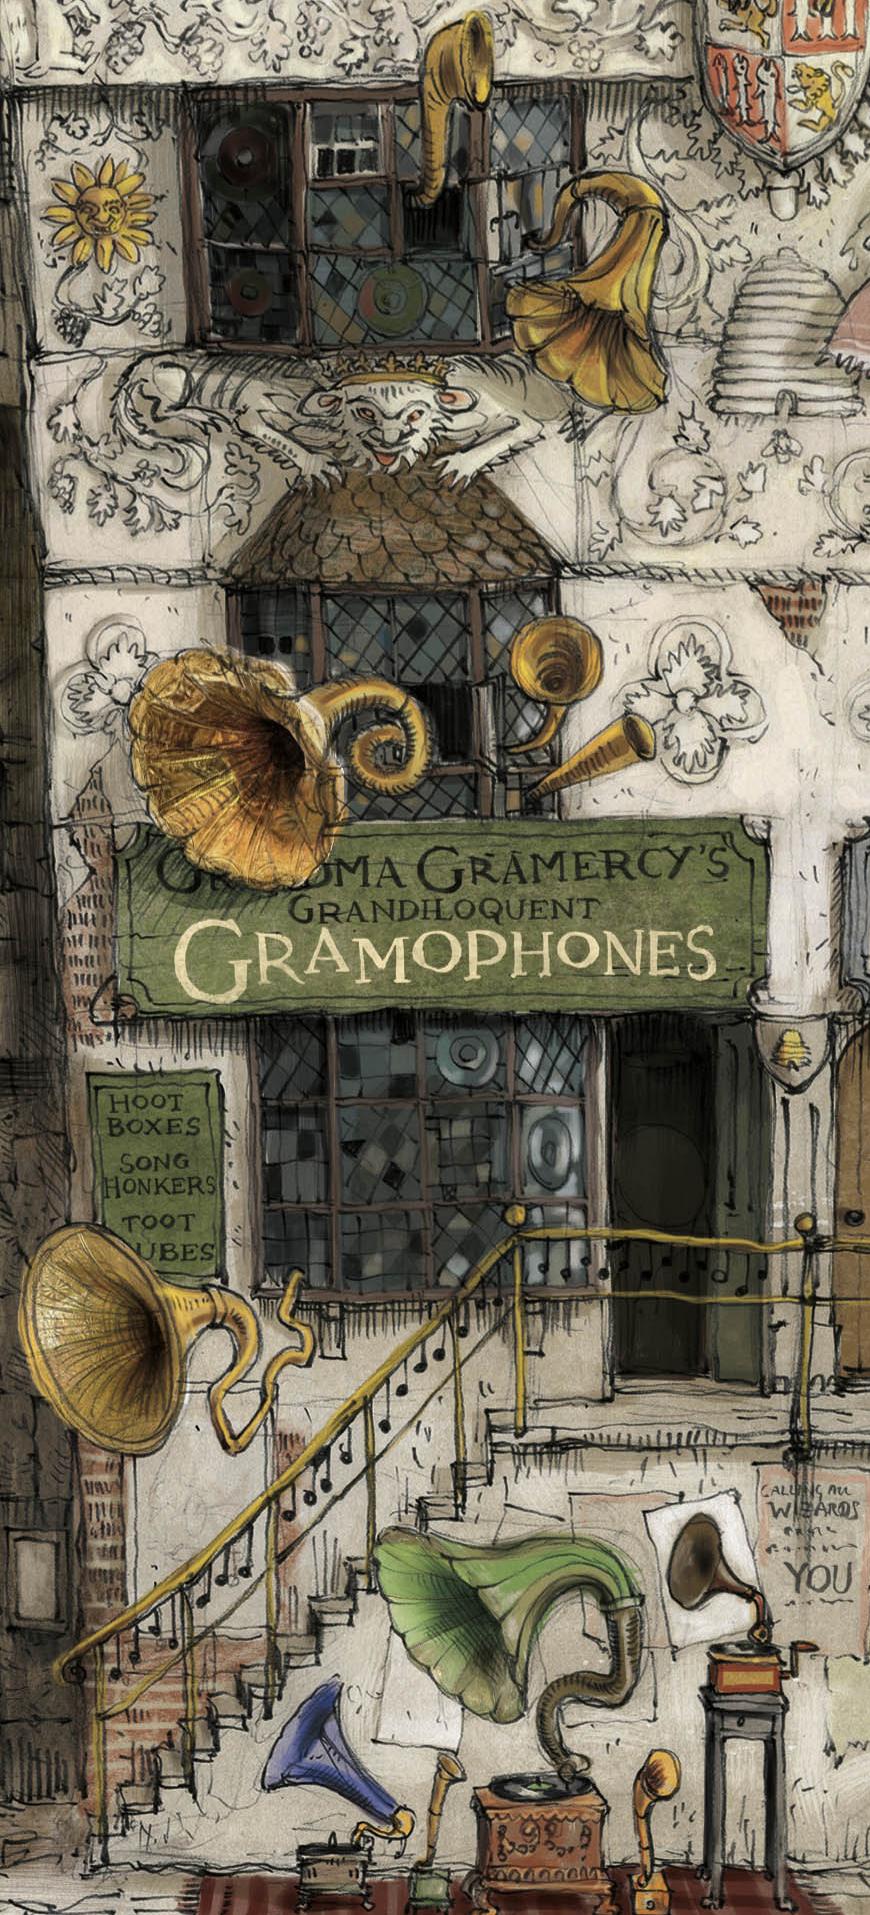 File:Grandma Gramercy's Grandiloquent Gramophones.png